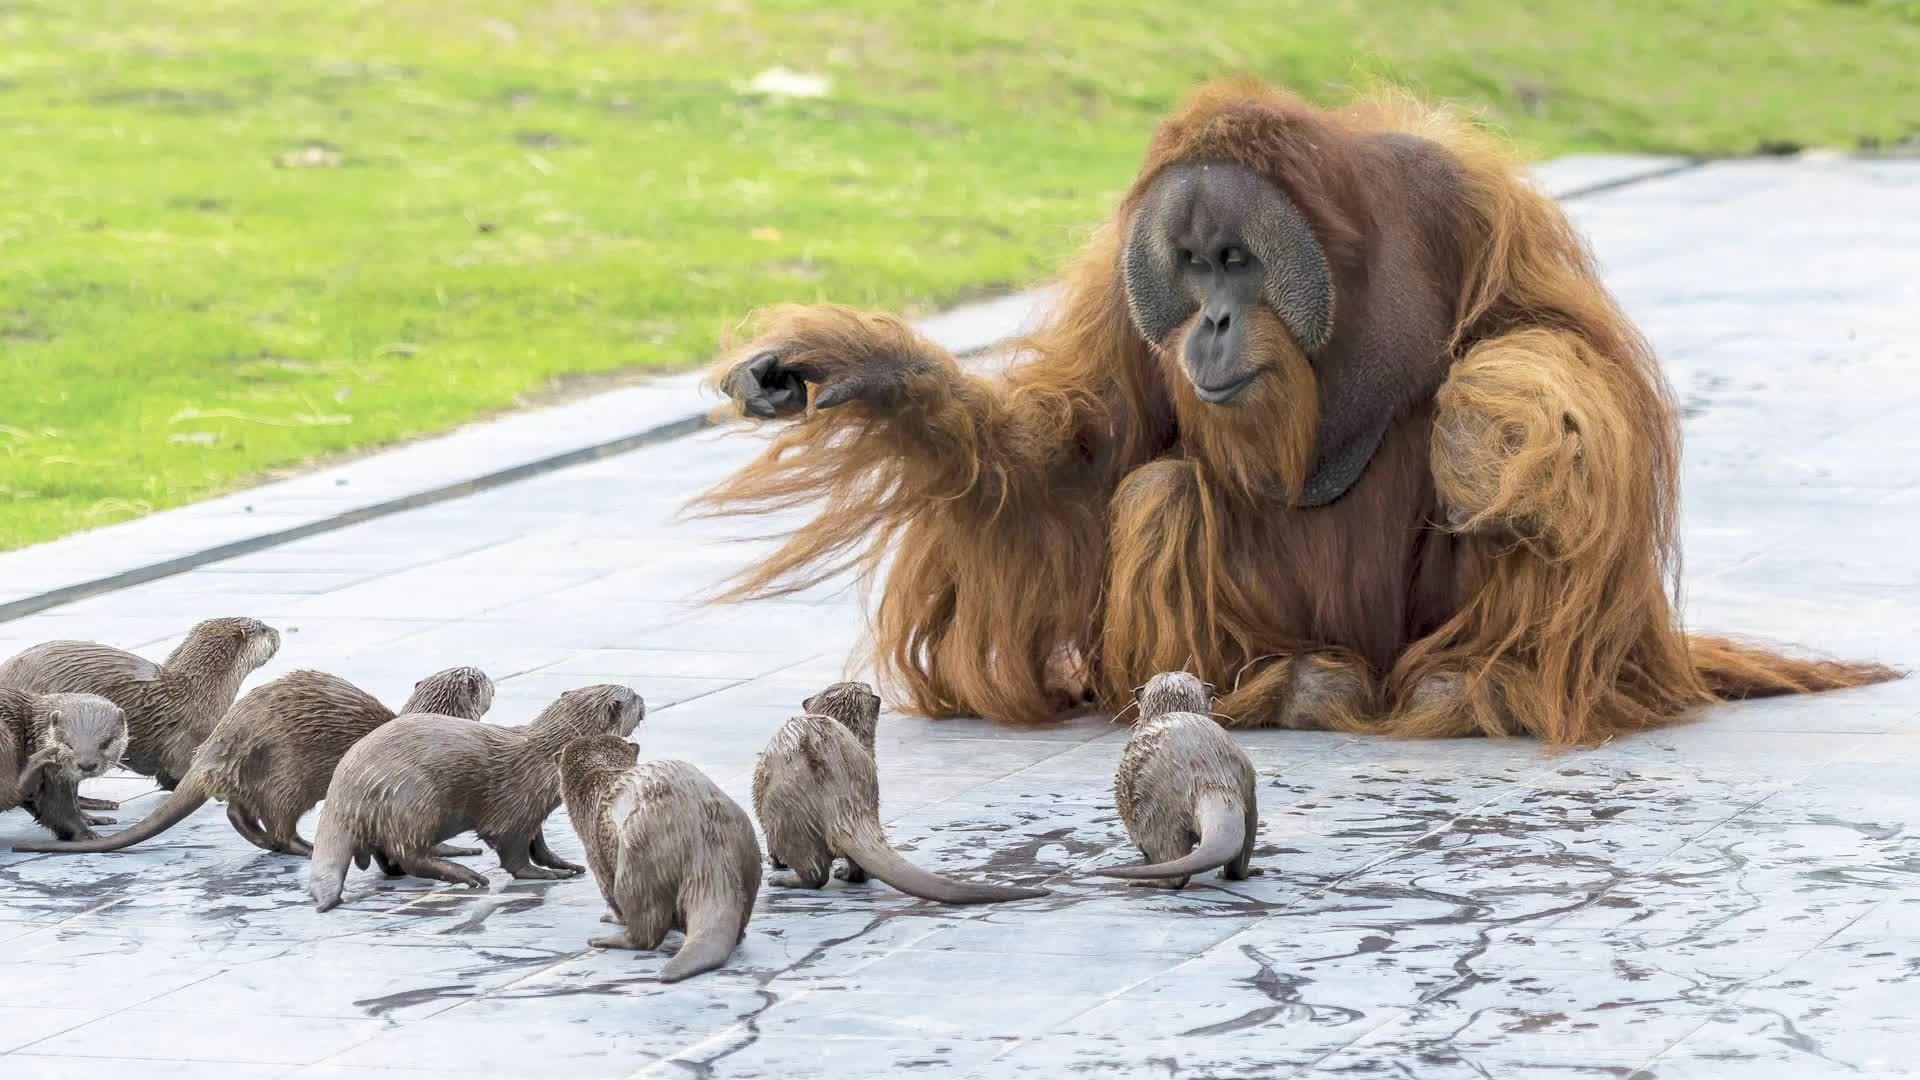 Una familia de tres orangutanes desarrolló una hermosa amistad con sus pequeños vecinos, una familia de nutrias asiáticas de garras pequeñas, en el zoológico Pairi Daiza en Domaine du Cambron, Bélgica.